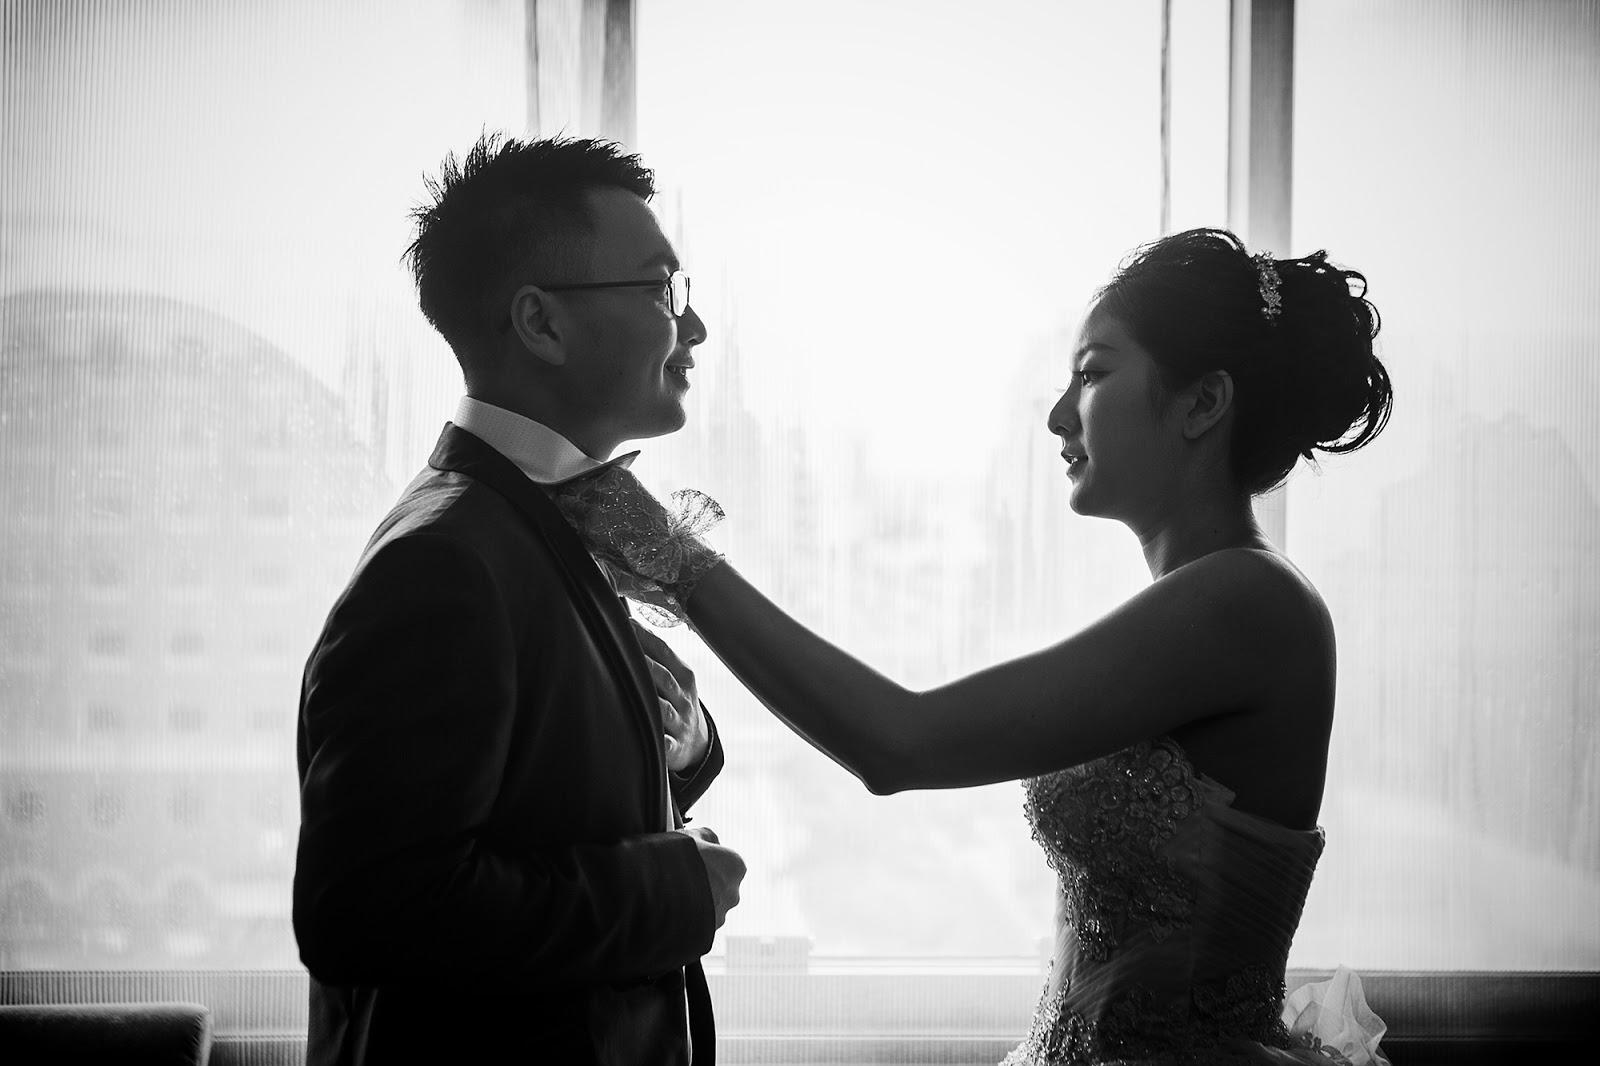 婚禮攝影紀錄常見問題